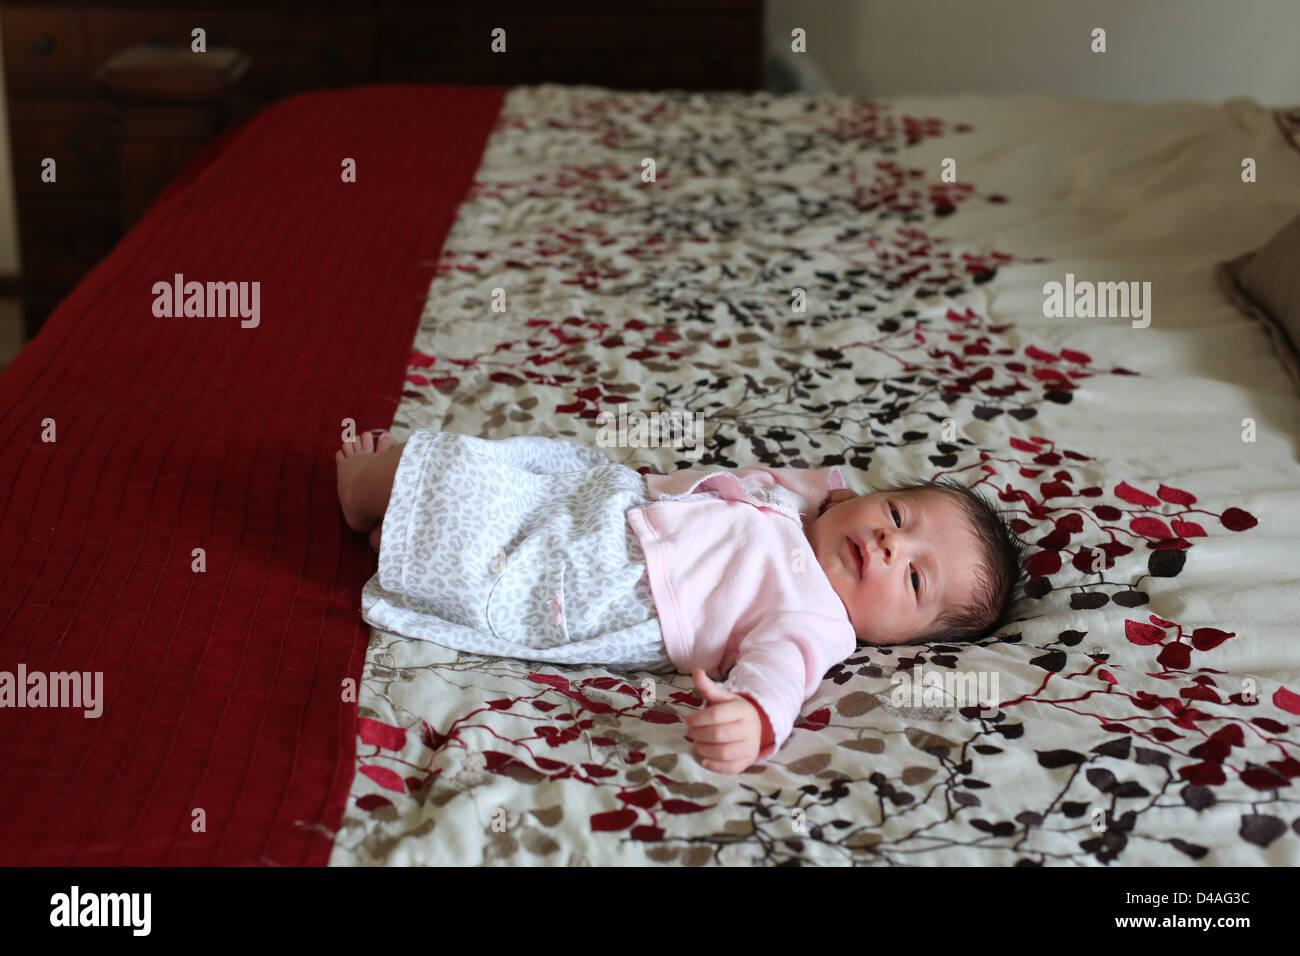 Un pequeño bebé recién nacido acostado en una cama grande. Foto de stock